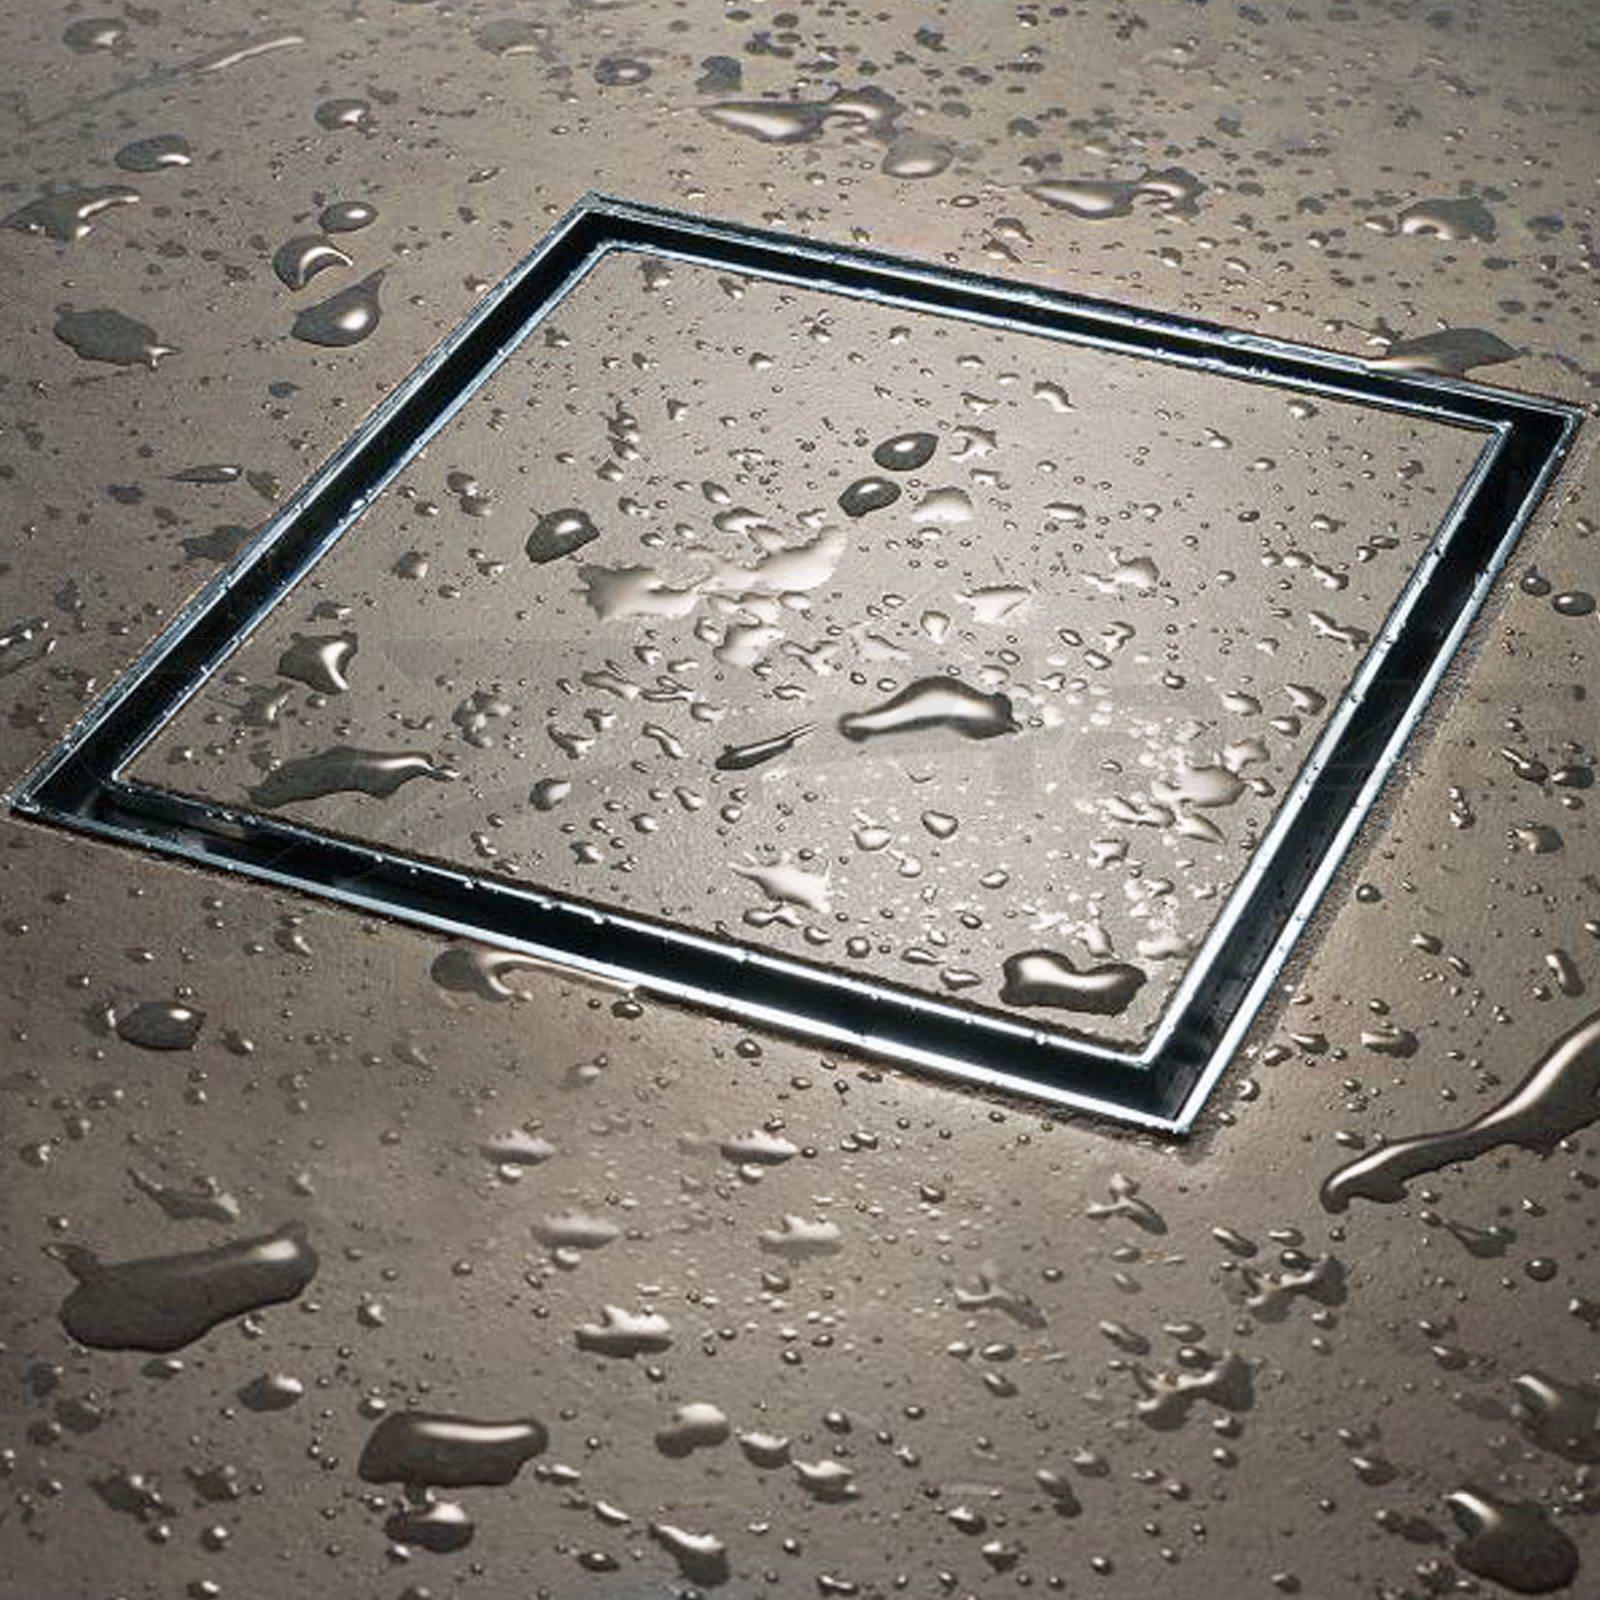 304 Stainless Steel Shower Grate Tile Insert Drain Square ...